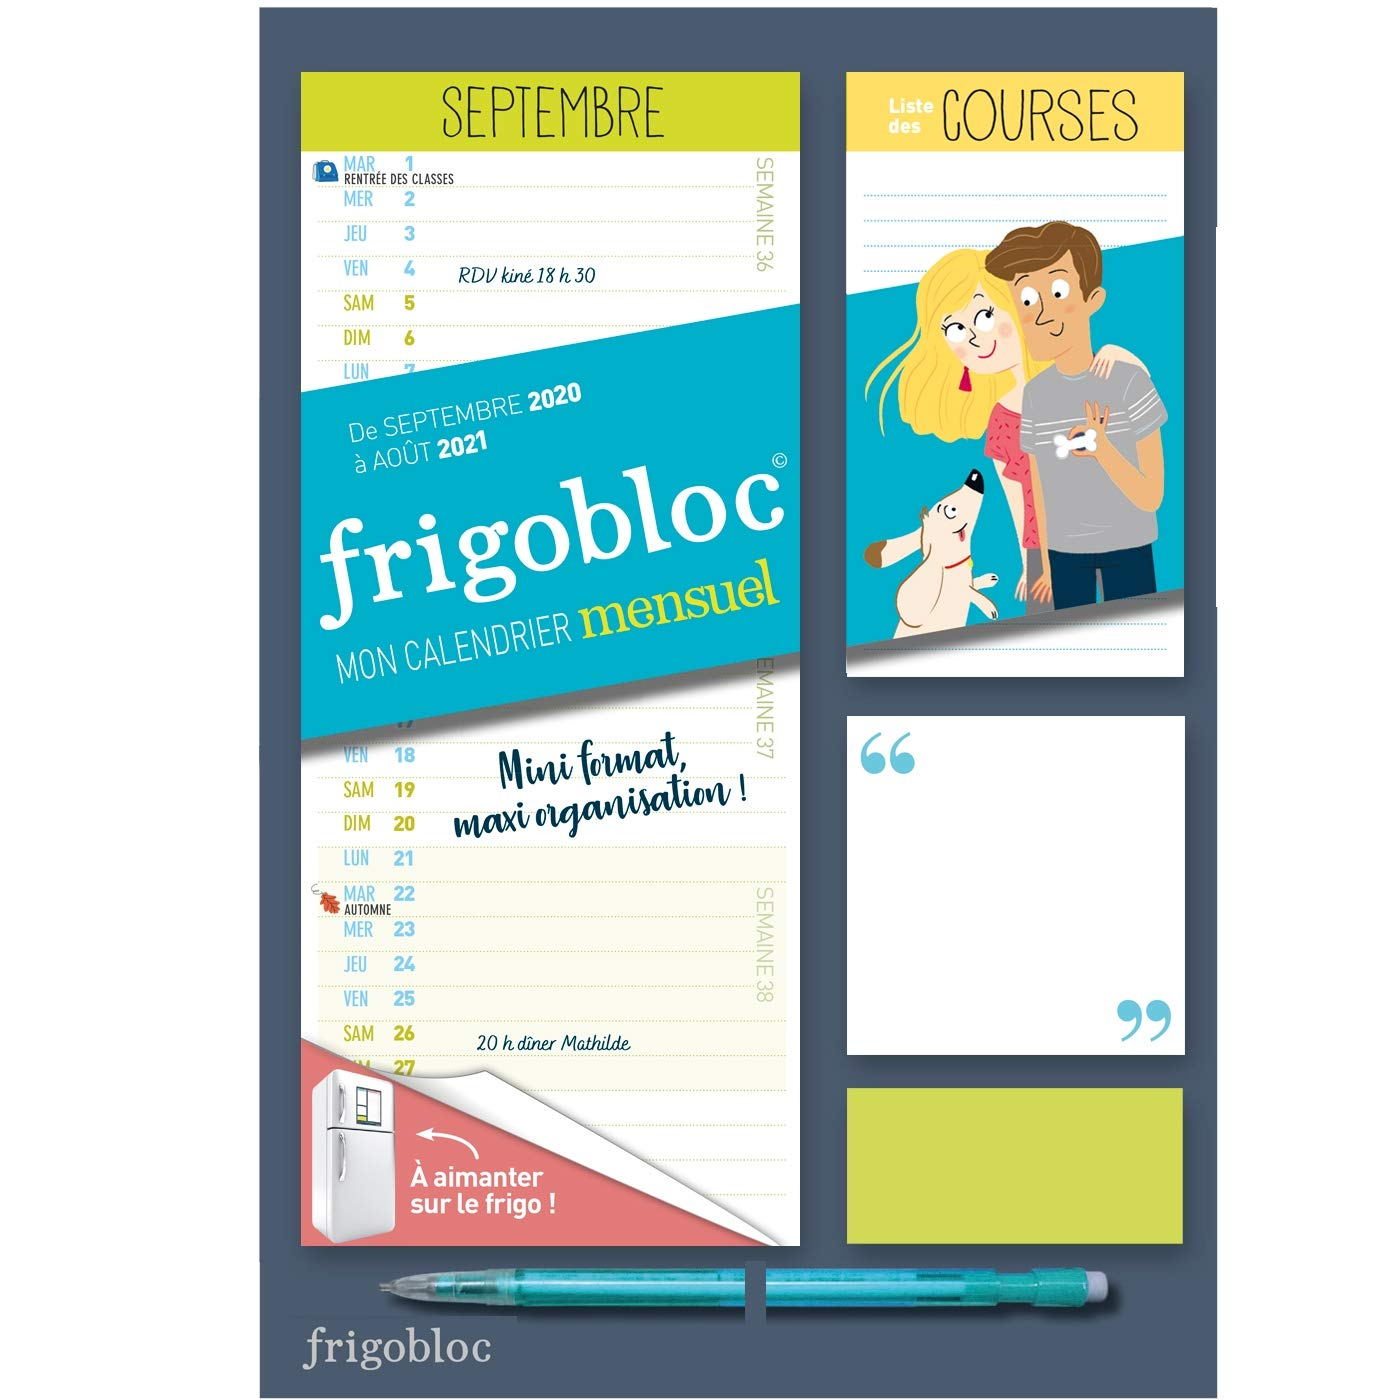 Calendrier Frigobloc 2021 Mini Frigobloc mensuel 2021   Calendrier d'orga. familiale / 12